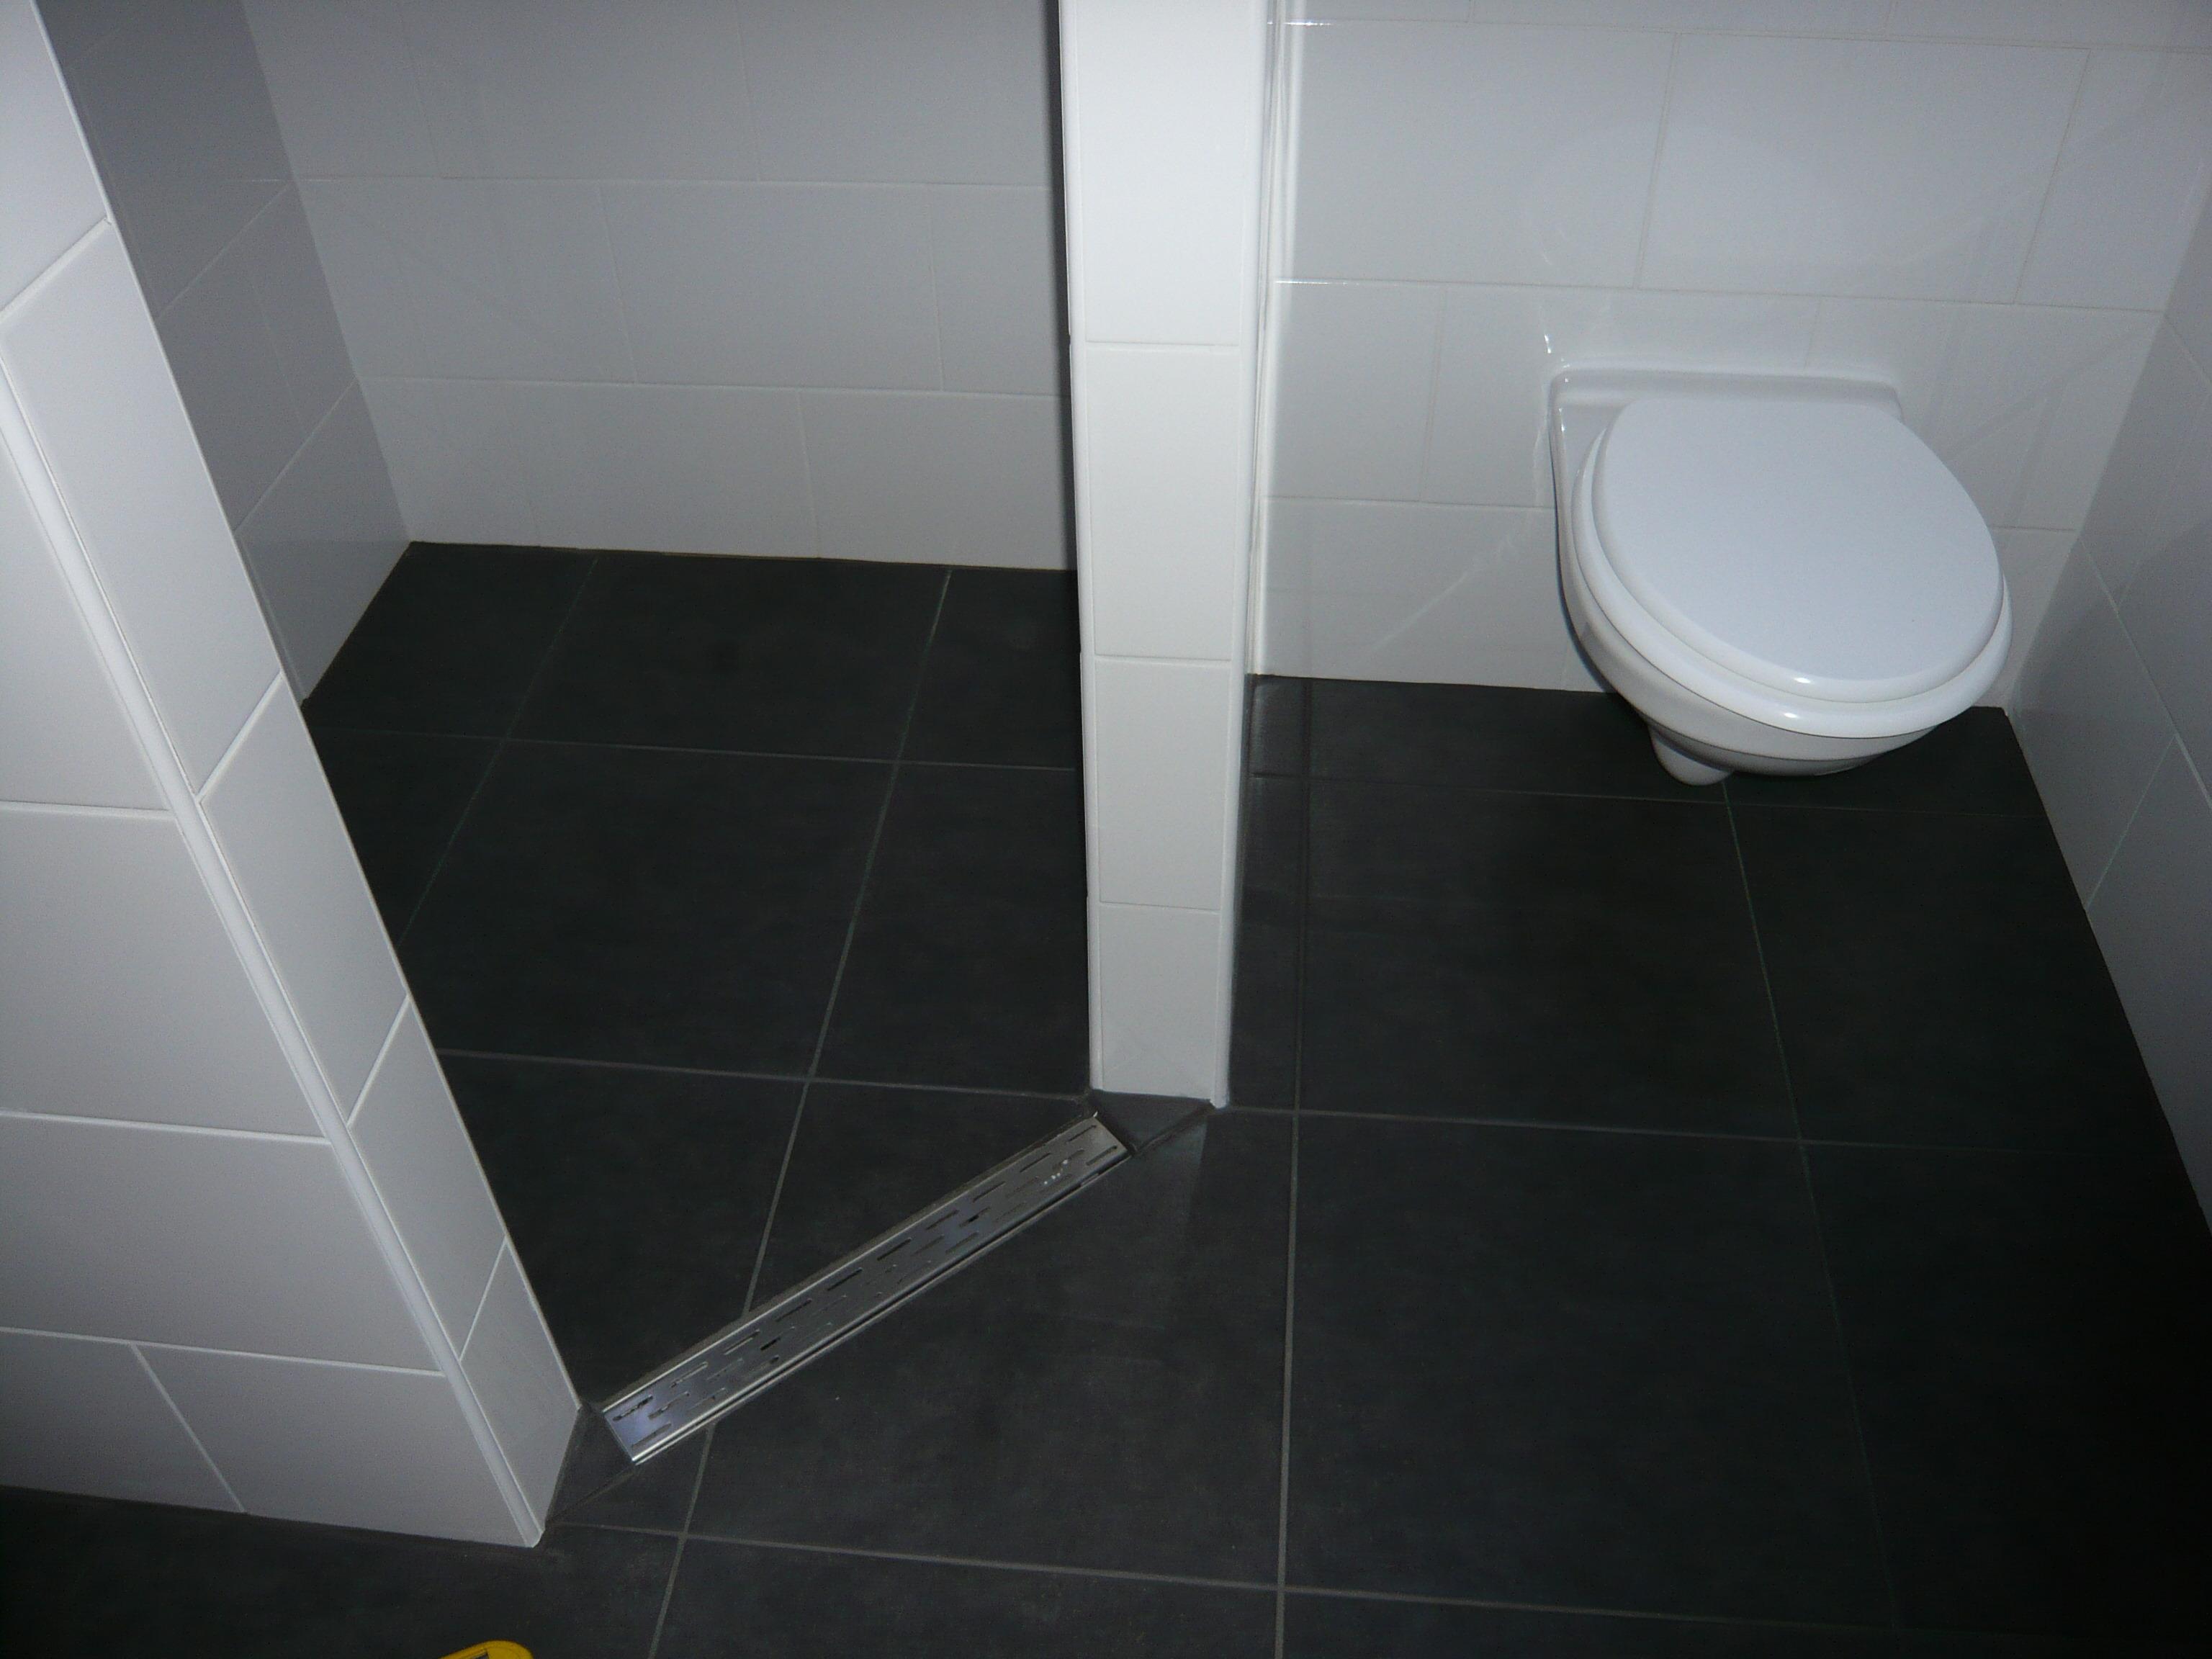 Kapstokken Voor Badkamer ~   de badkamer is een verlaagd plafond aan gebracht met Led verlichting